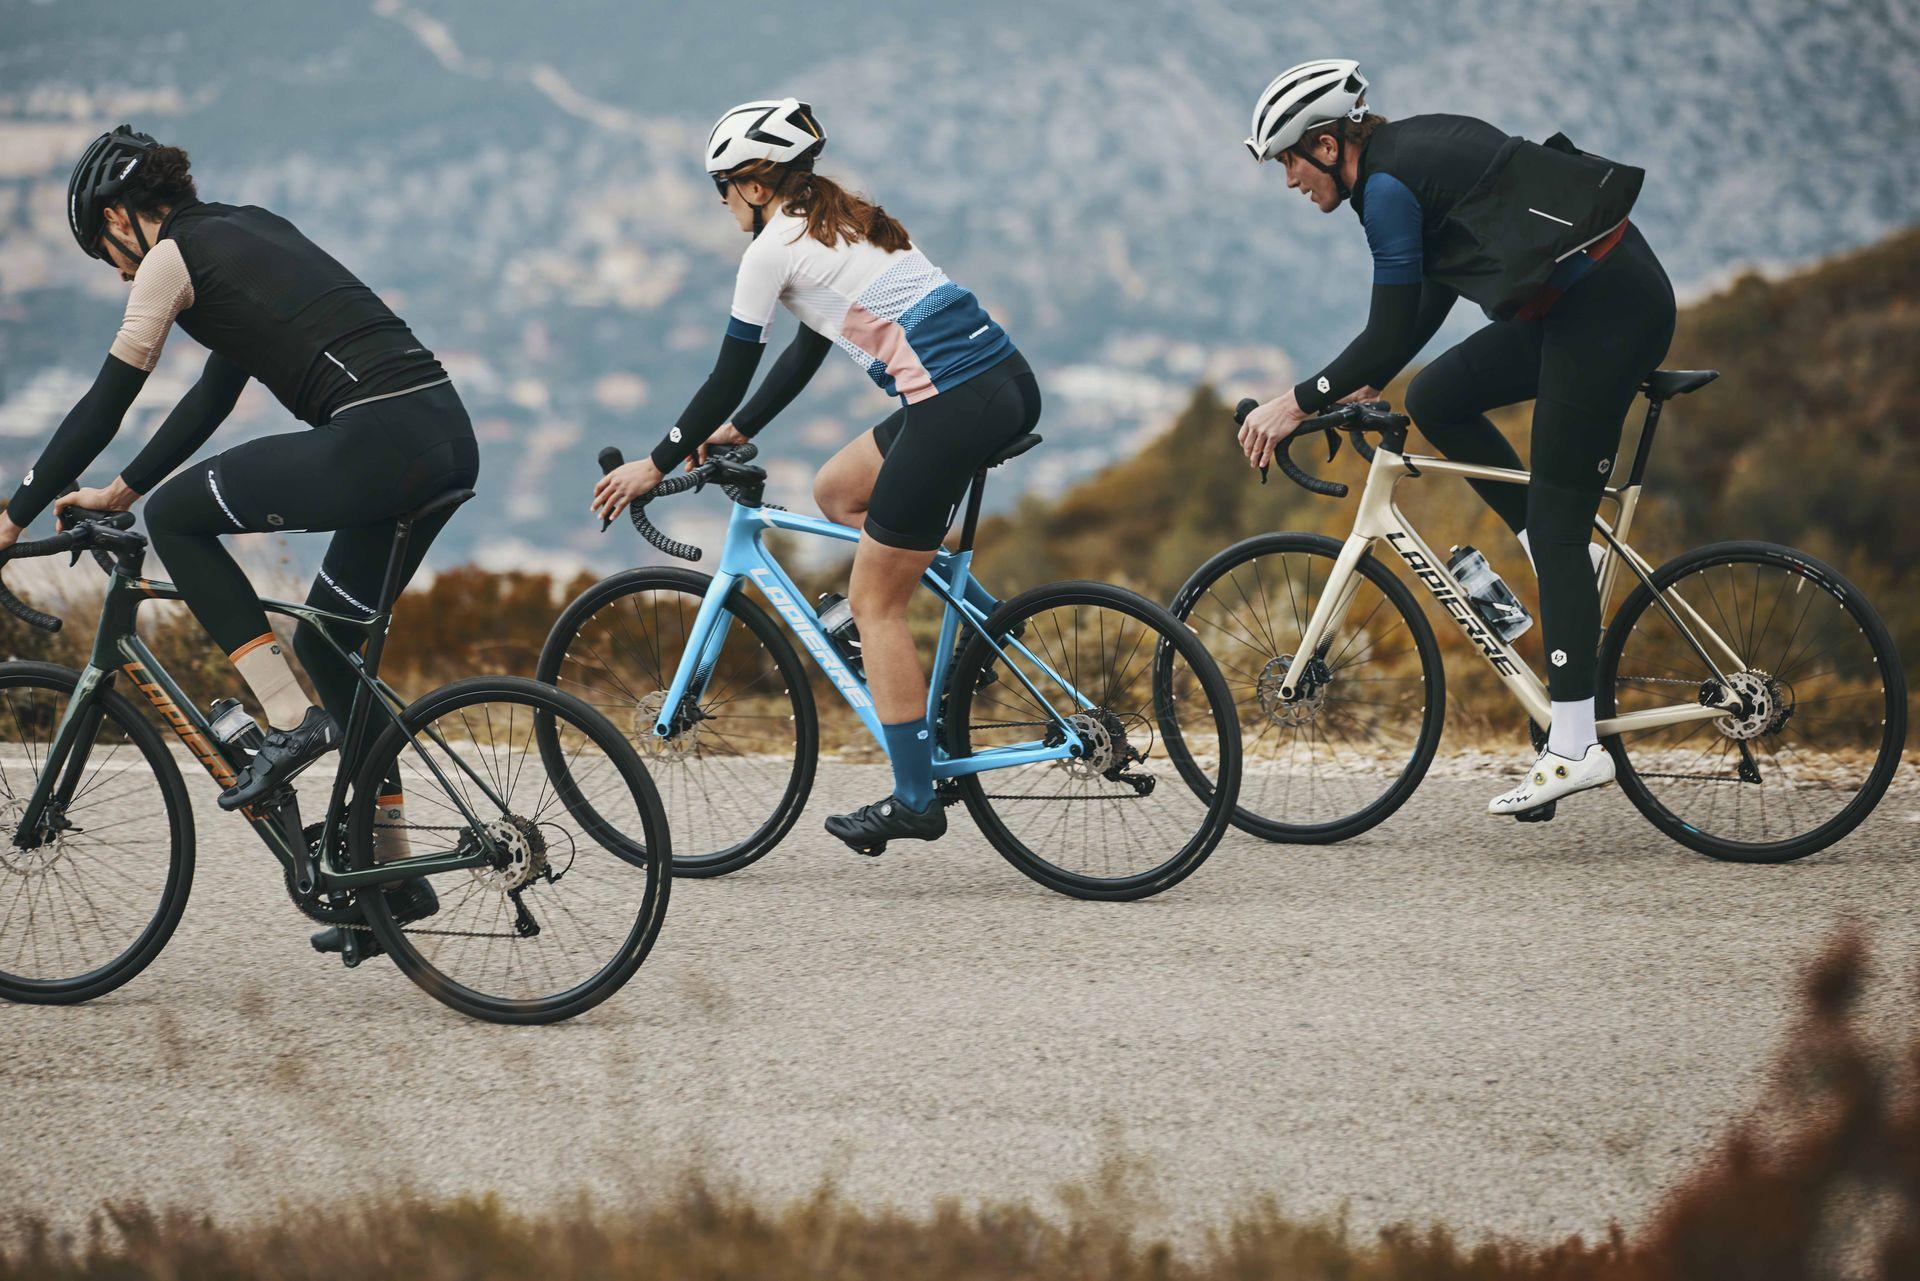 Les cyclistes en action sur le nouveau Lapierre Pulsium 2021